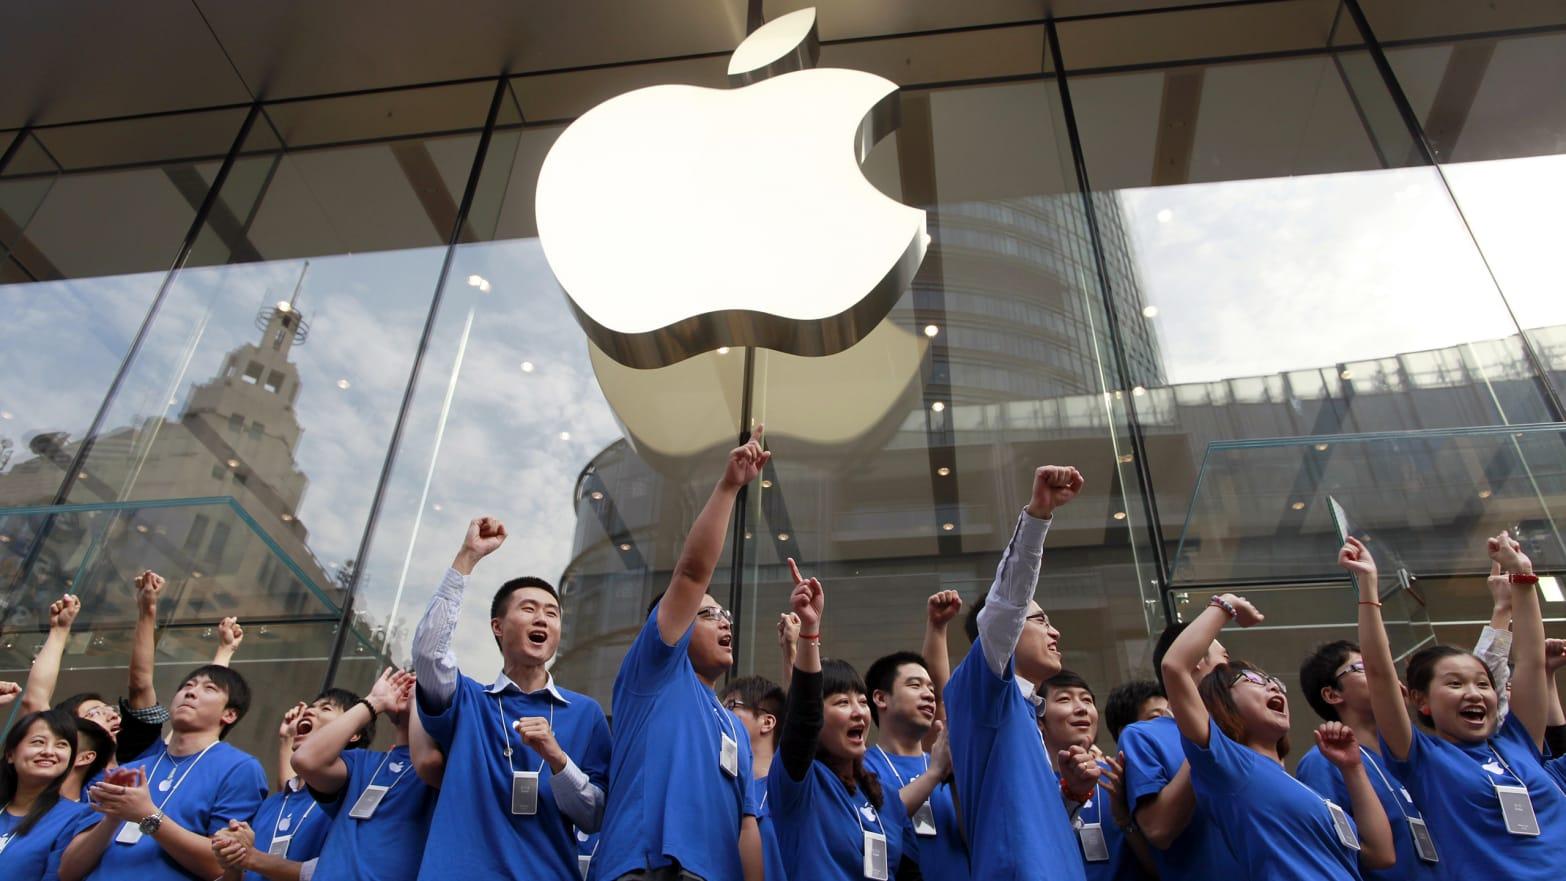 180809-chang-china-apple-tease_mfecef.jpeg